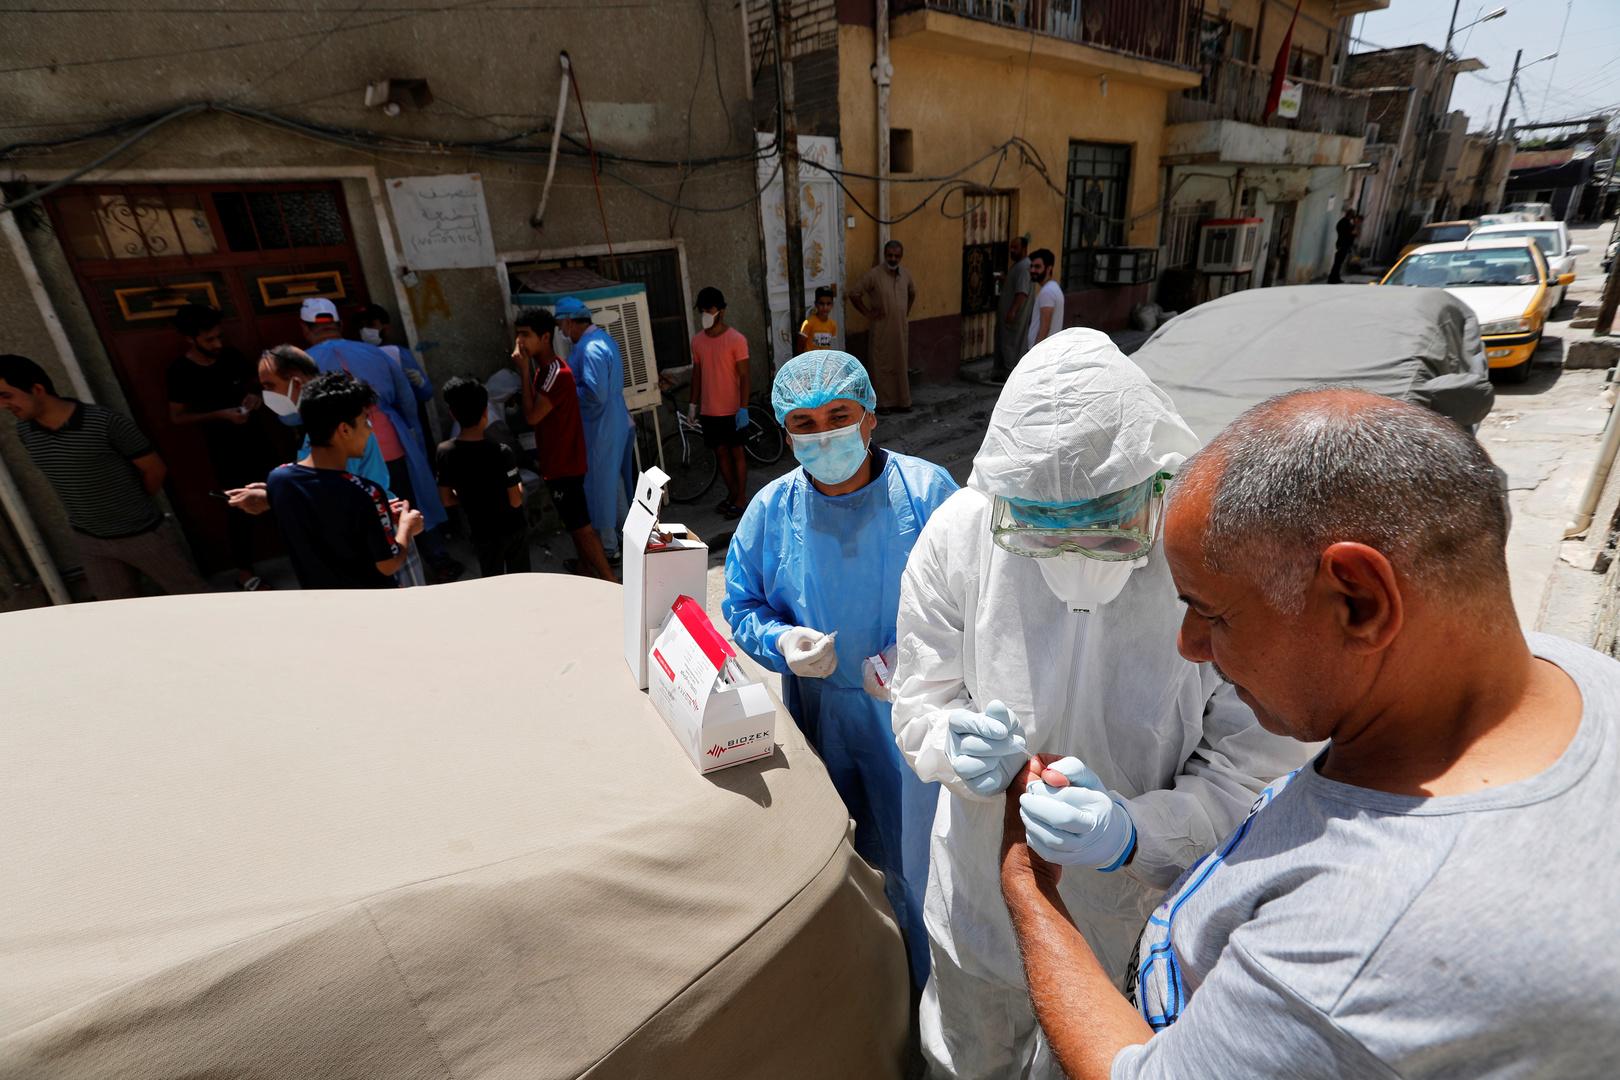 أخذ عينات دم في أحد شوارع بغداد ضمن إجراءات مكافحة فيروس كوروننا